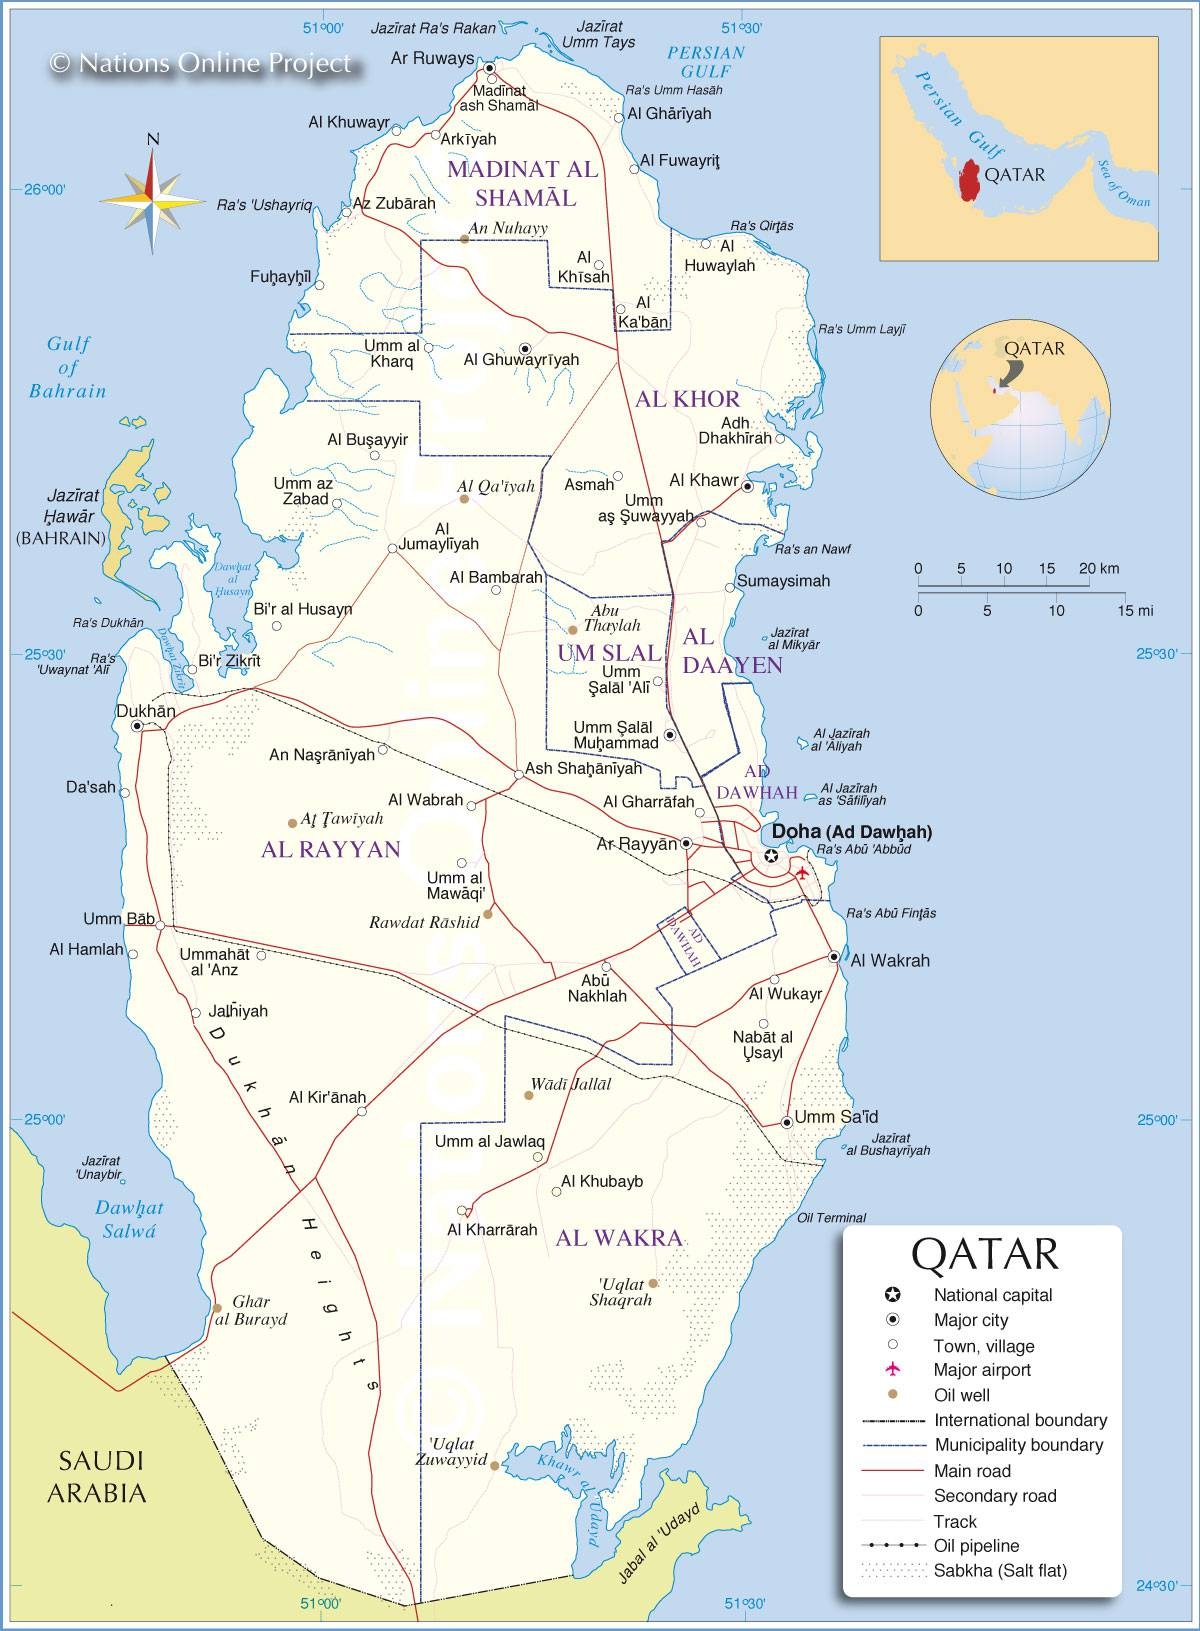 Carte Du Qatar - Plusieurs Cartes Du Pays Du Moyen-Orient dedans Carte De L Europe Avec Pays